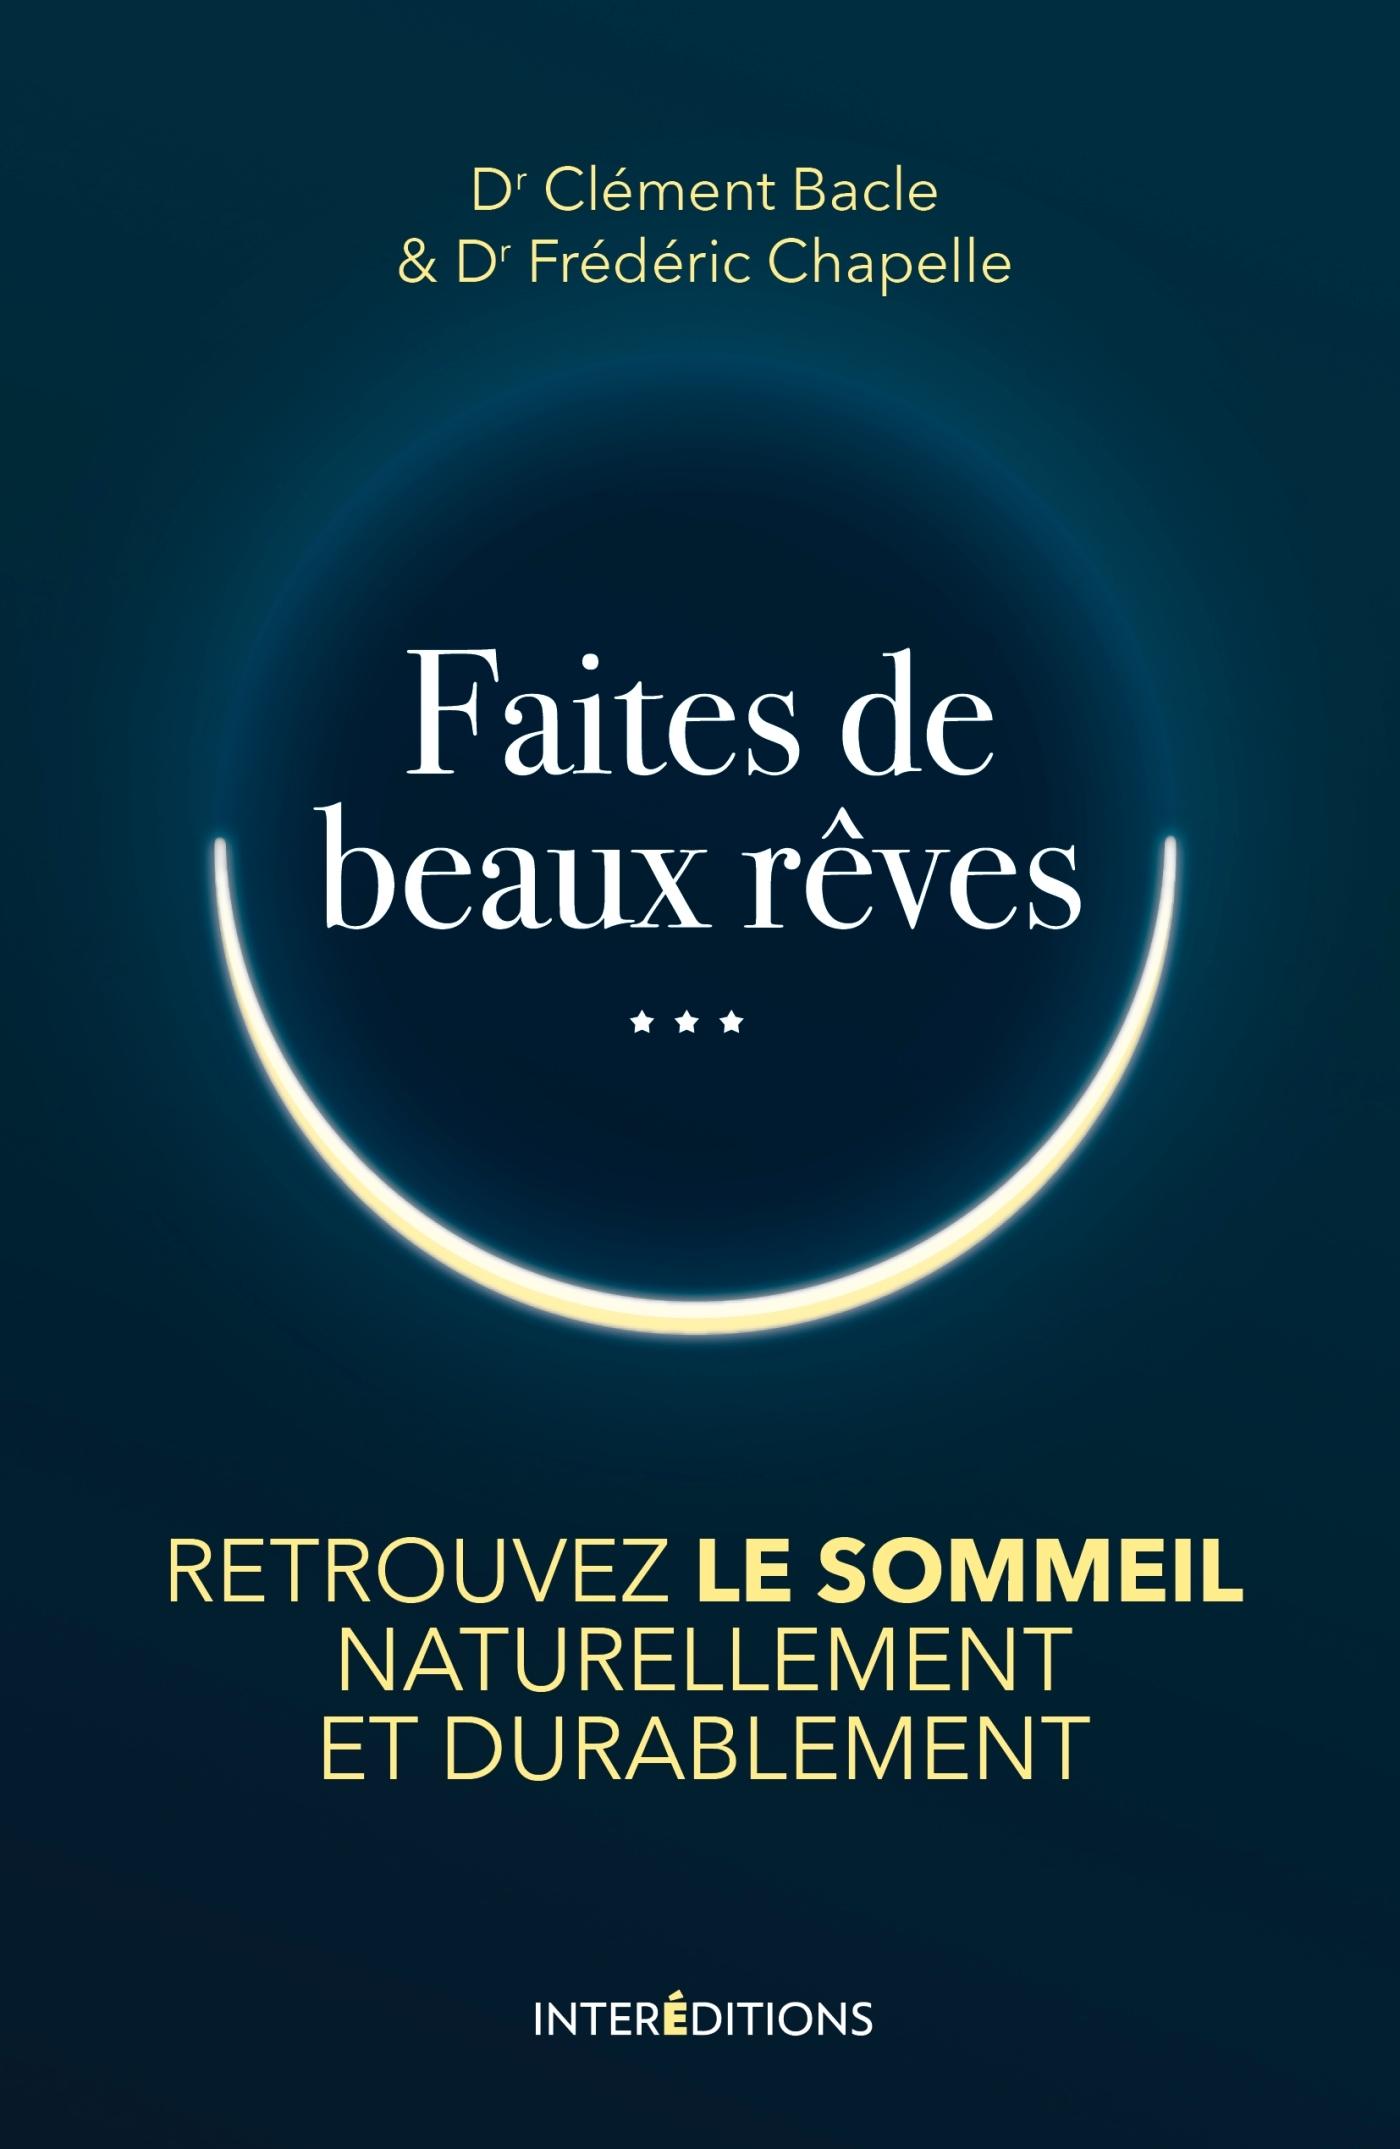 FAITES DE BEAUX REVES - RETROUVEZ LE SOMMEIL NATURELLEMENT ET DURABLEMENT